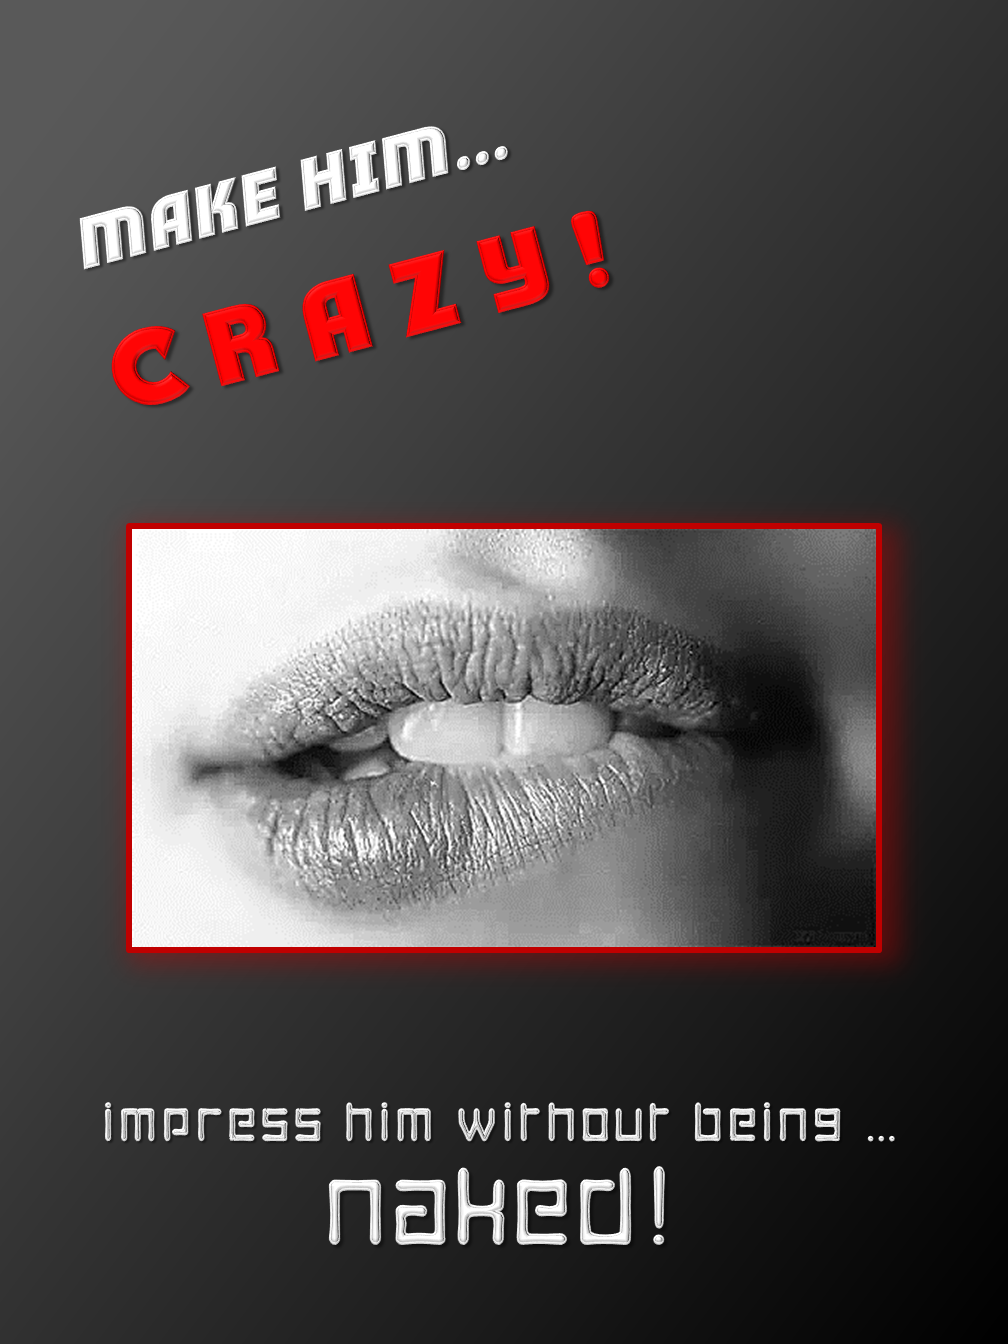 Make him Crazy